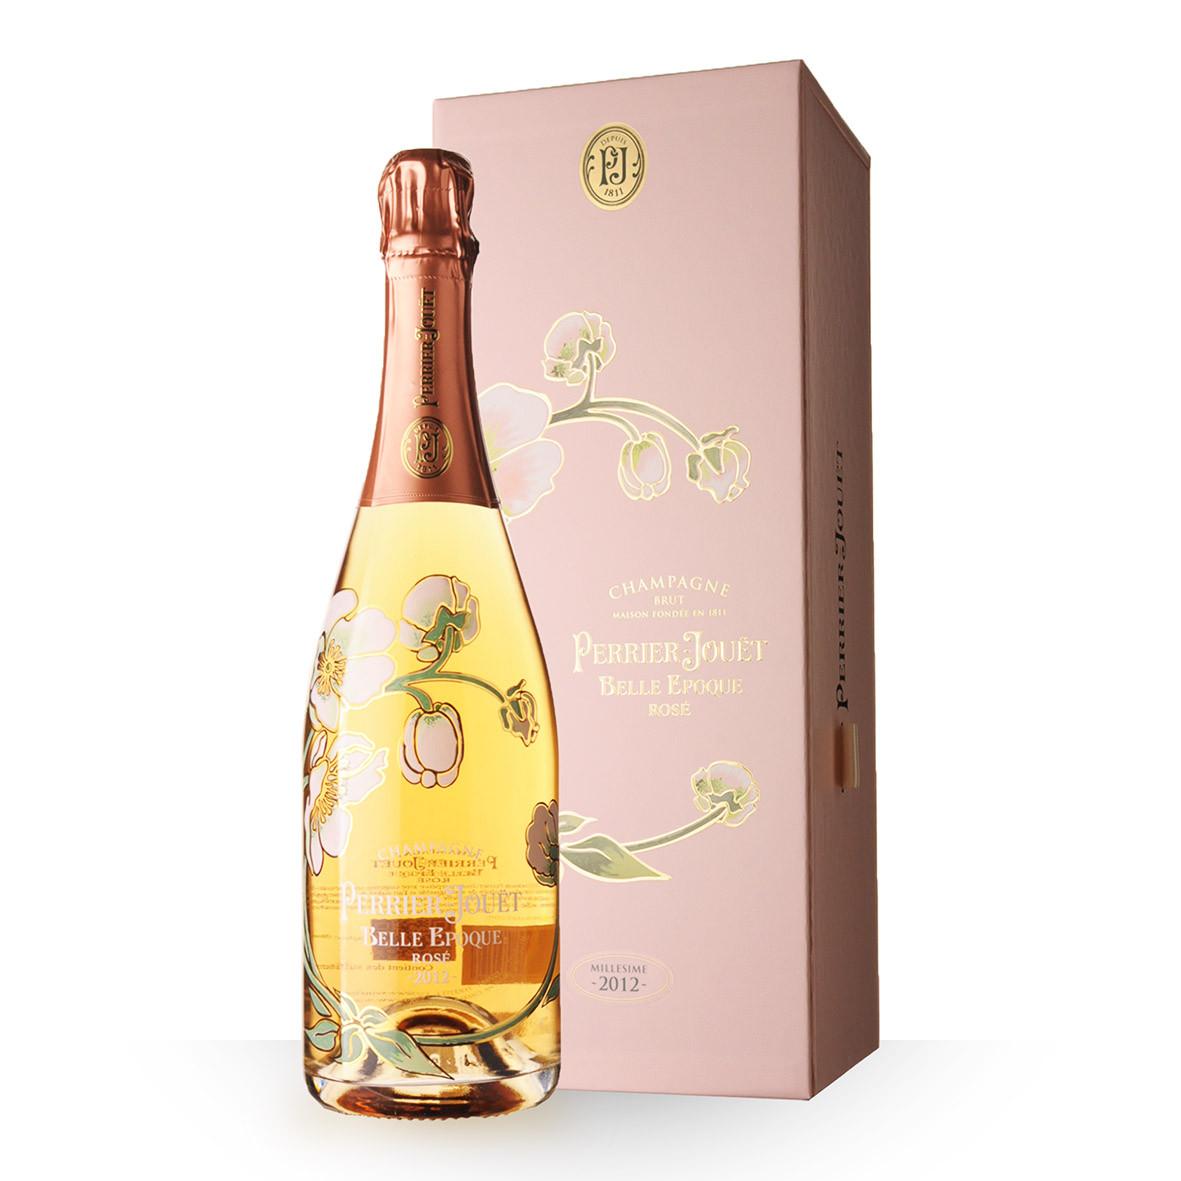 Champagne Perrier-Jouët Belle Epoque 2012 Rosé 75cl Coffret www.odyssee-vins.com